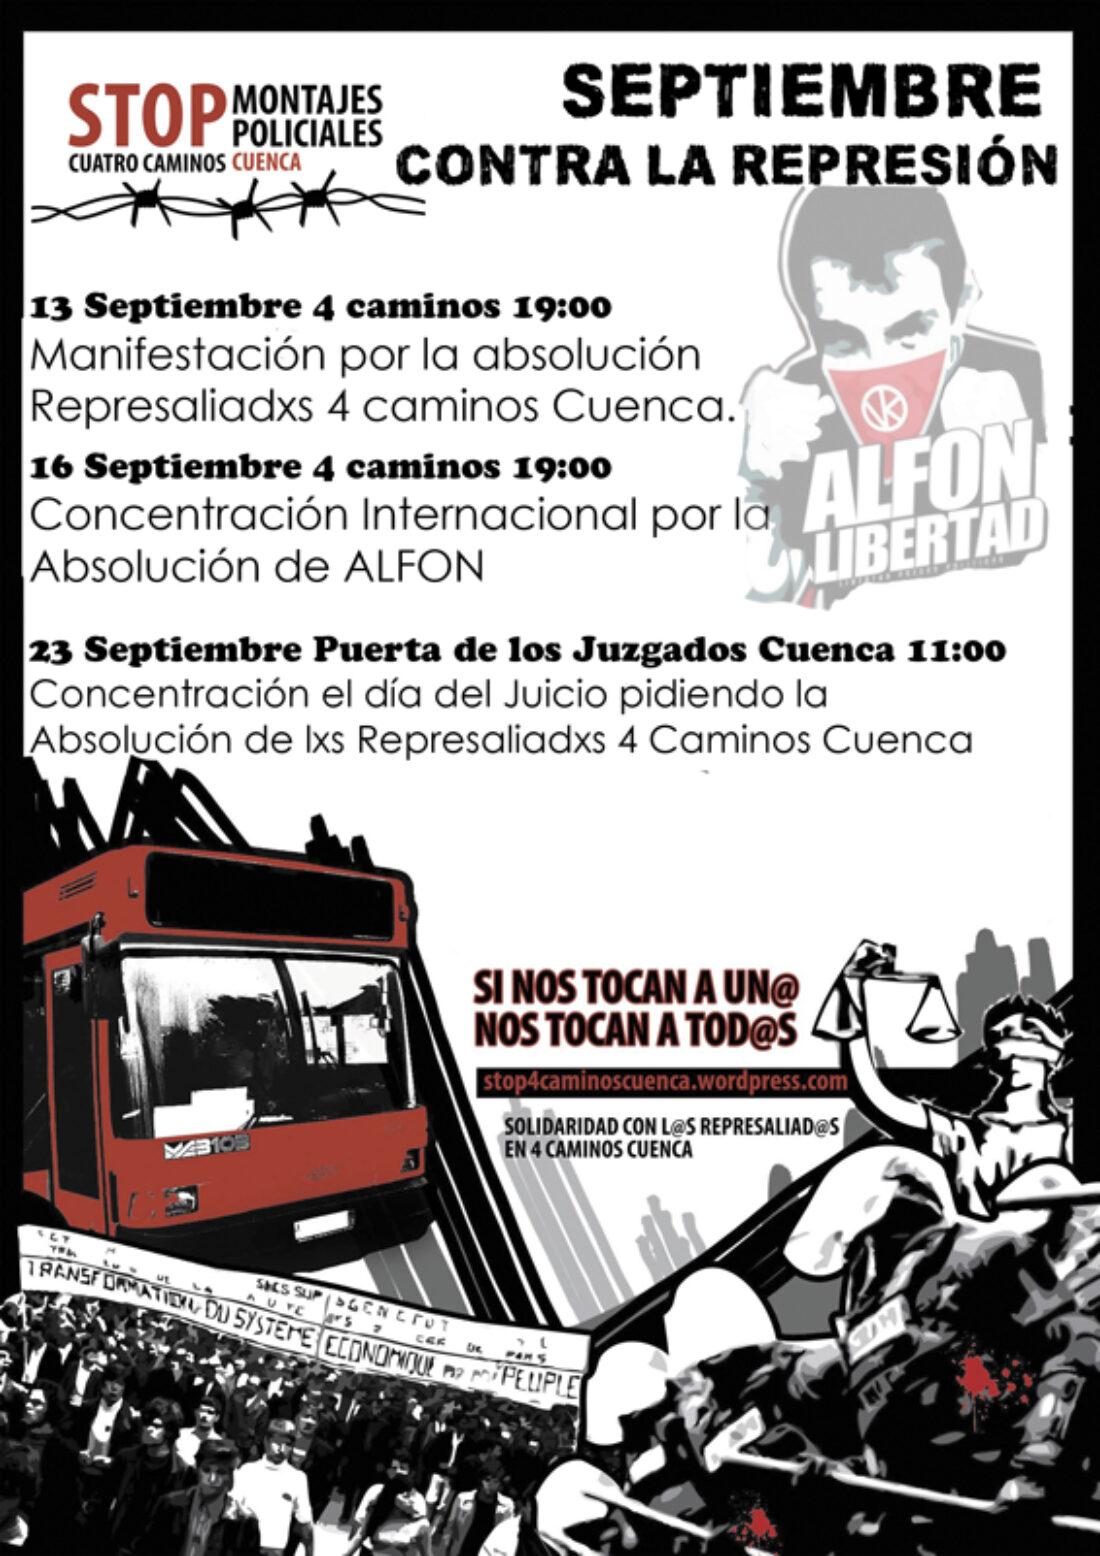 Septiembre contra la represión Cuenca